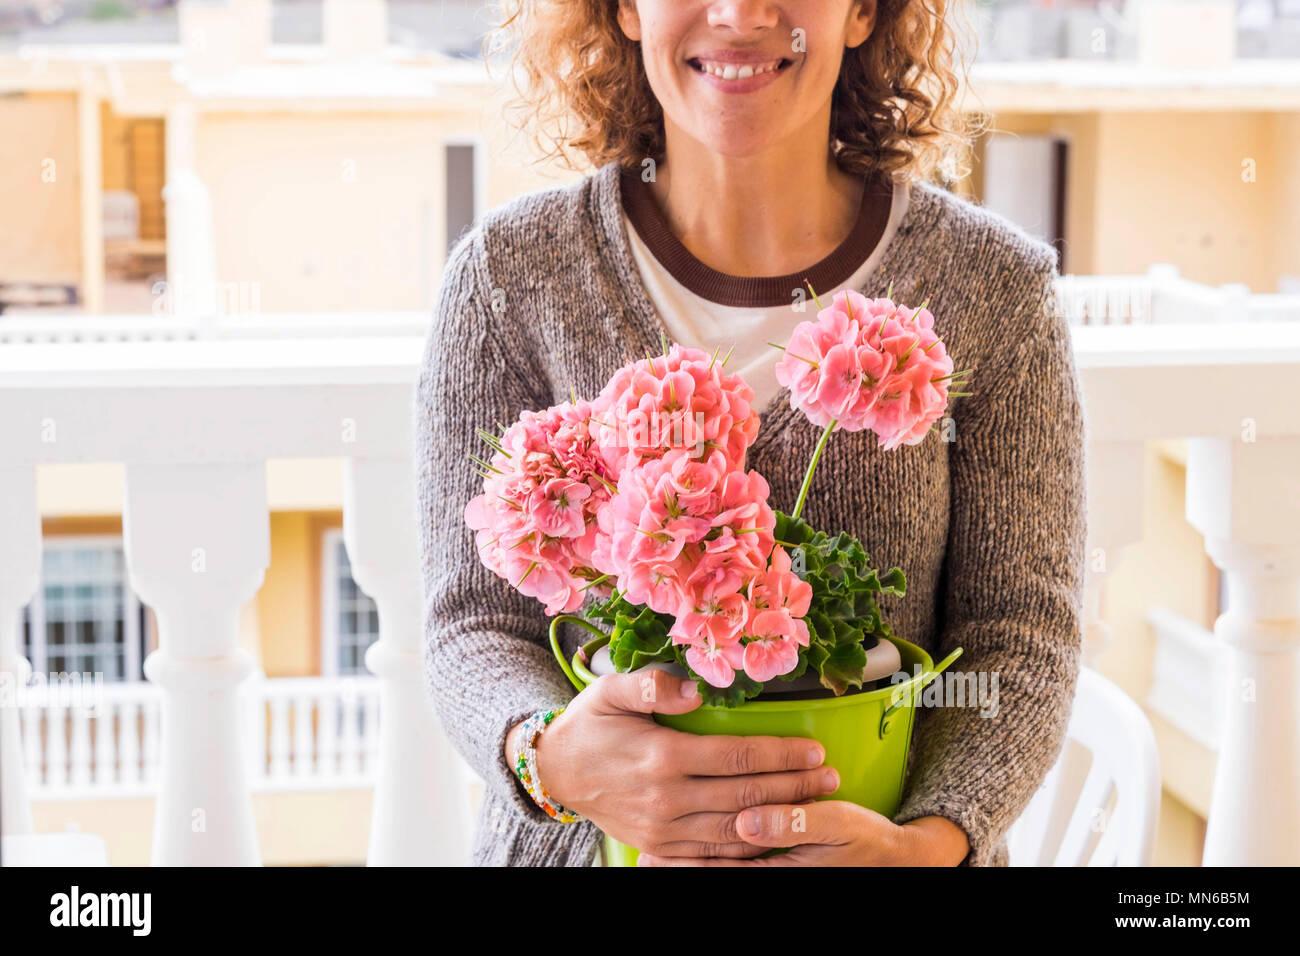 Beau moyen-âge caucasian woman sourire et protéger ses fleurs ayant soin d'eux avec une accolade. Terrasse extérieure à la scène avec des couleurs de sprin Photo Stock